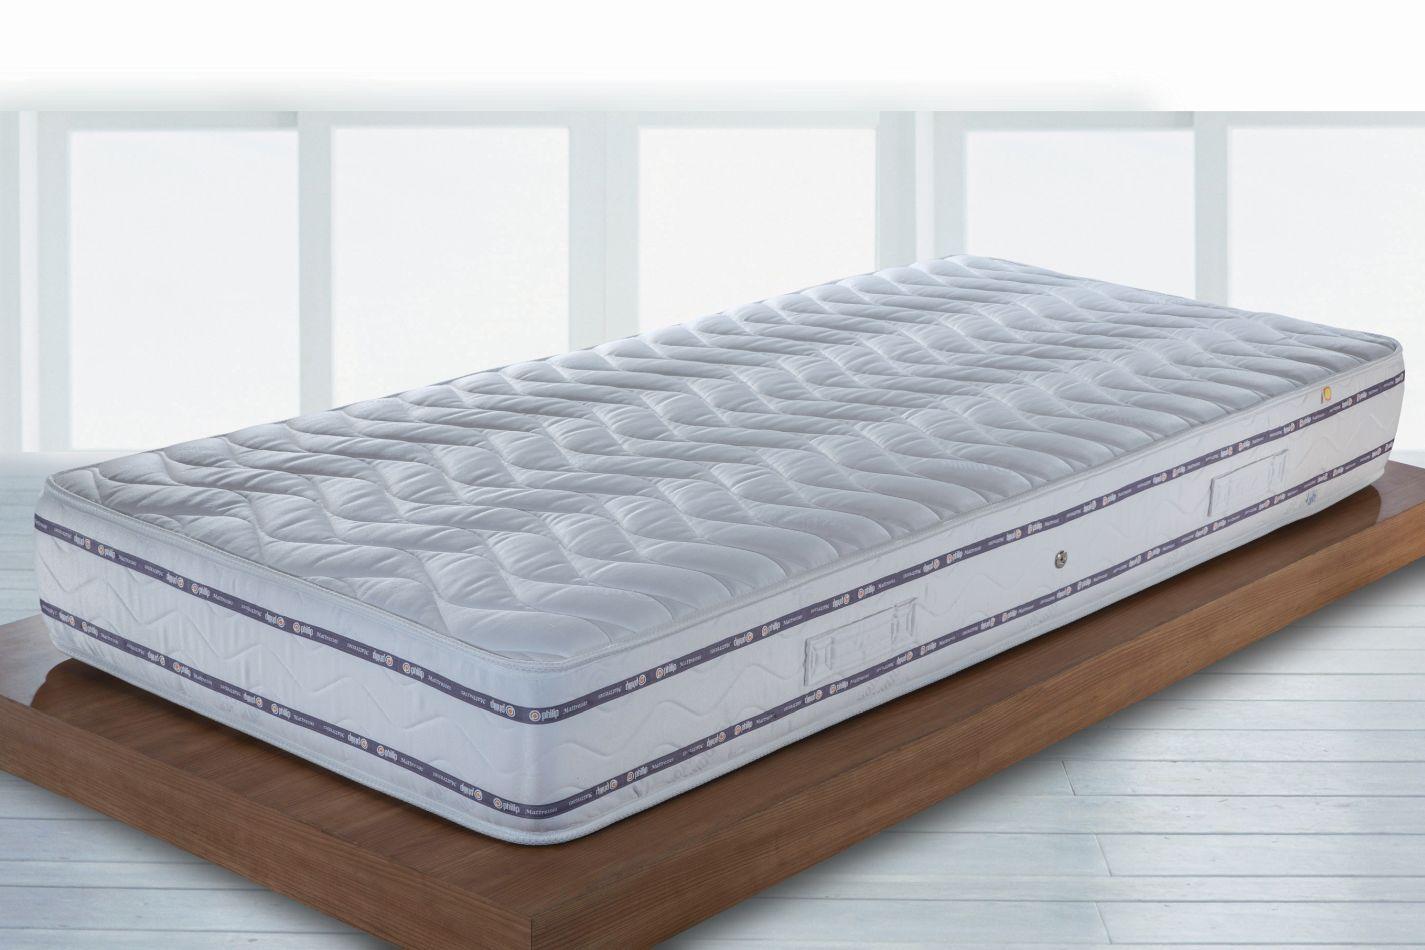 Matratze Elegance Relax mit Bonell Federkern - Abmessungen: 140 x 200 cm